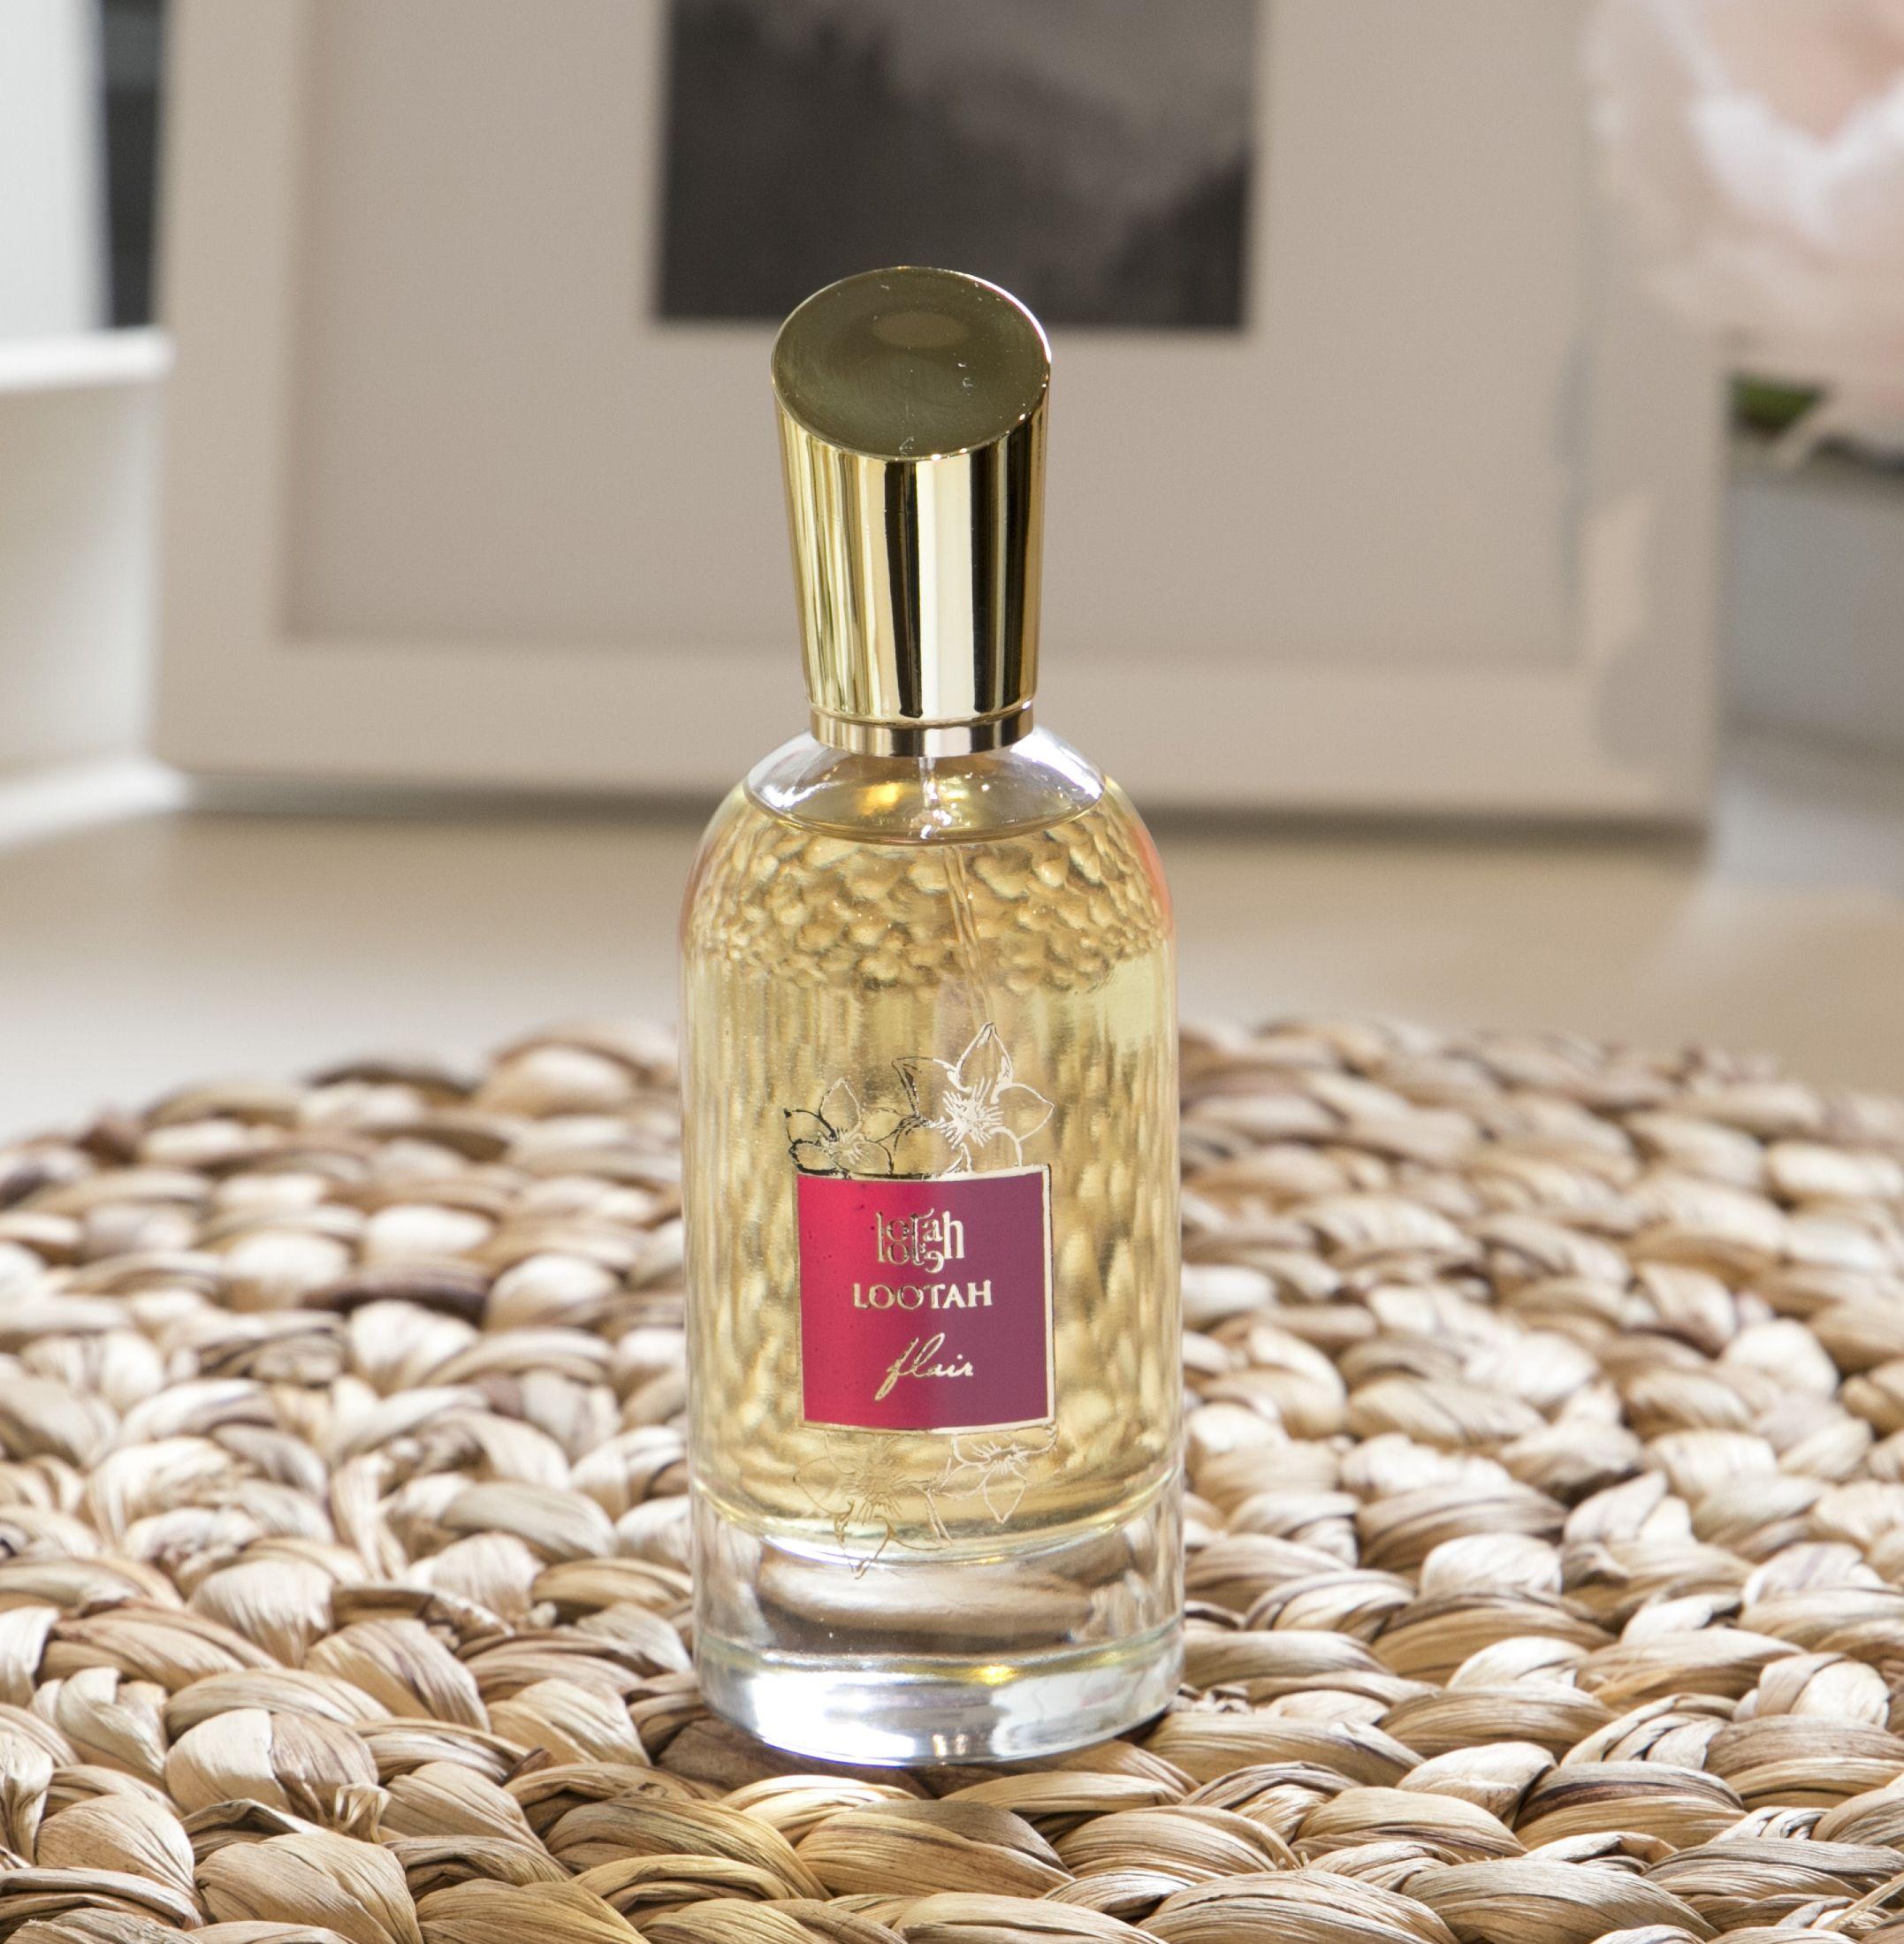 الأنوثة نعمة وفلير عطر بنغمة Femininity Is A Blessing And Flair Is A Fragrance With A Rhythm Lootahperfumes Perfume Perfume Perfume Bottles Fragrance